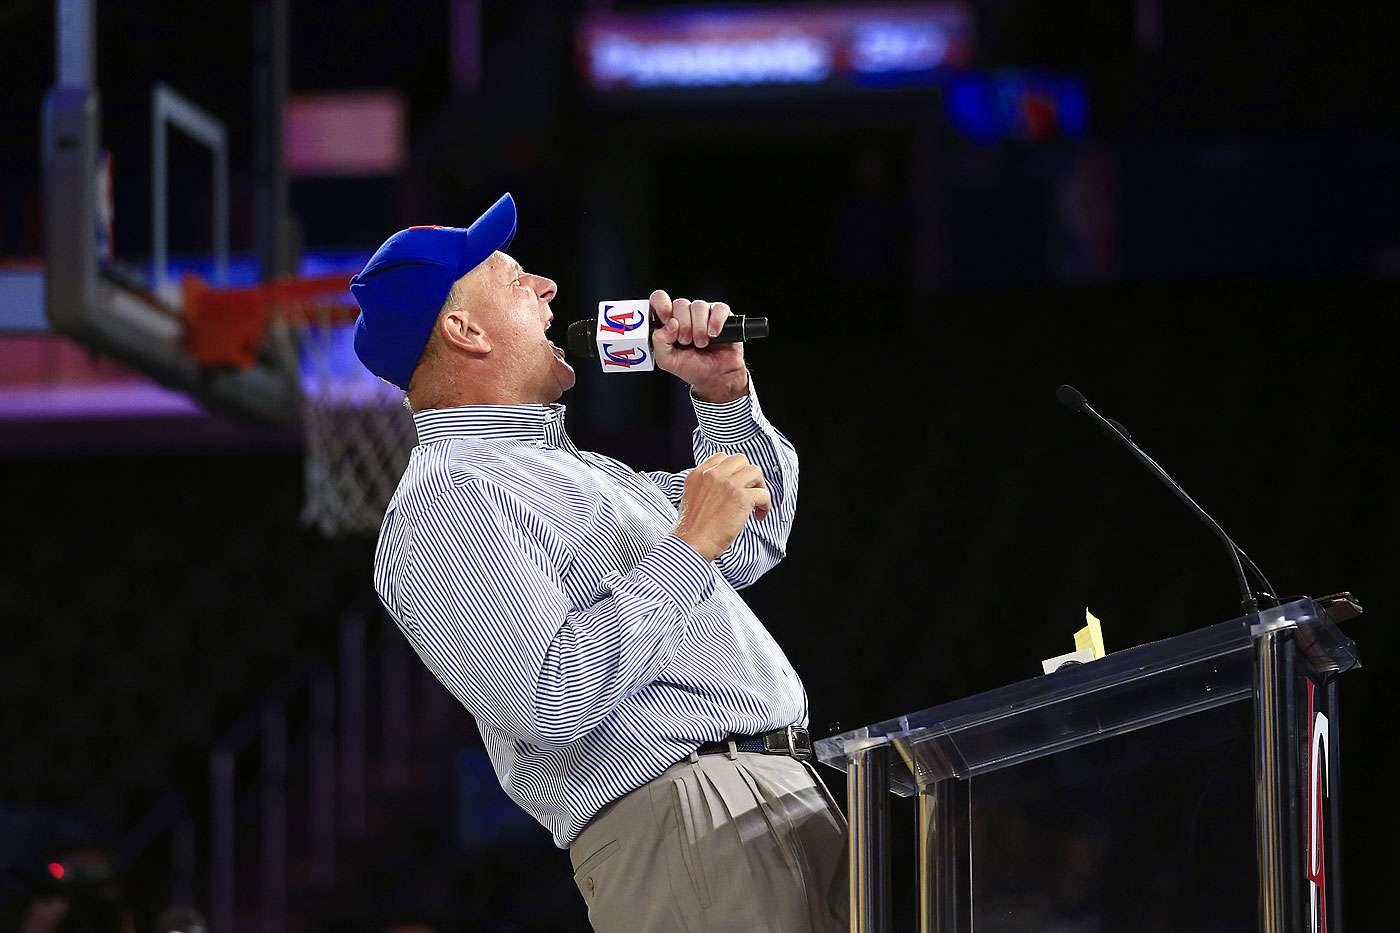 Steve Ballmer, nuevo dueño de los Clippers de Los Angeles, grita durante un discurso el lunes 18 de agosto de 2014 Foto: Jae C. Hong/AP